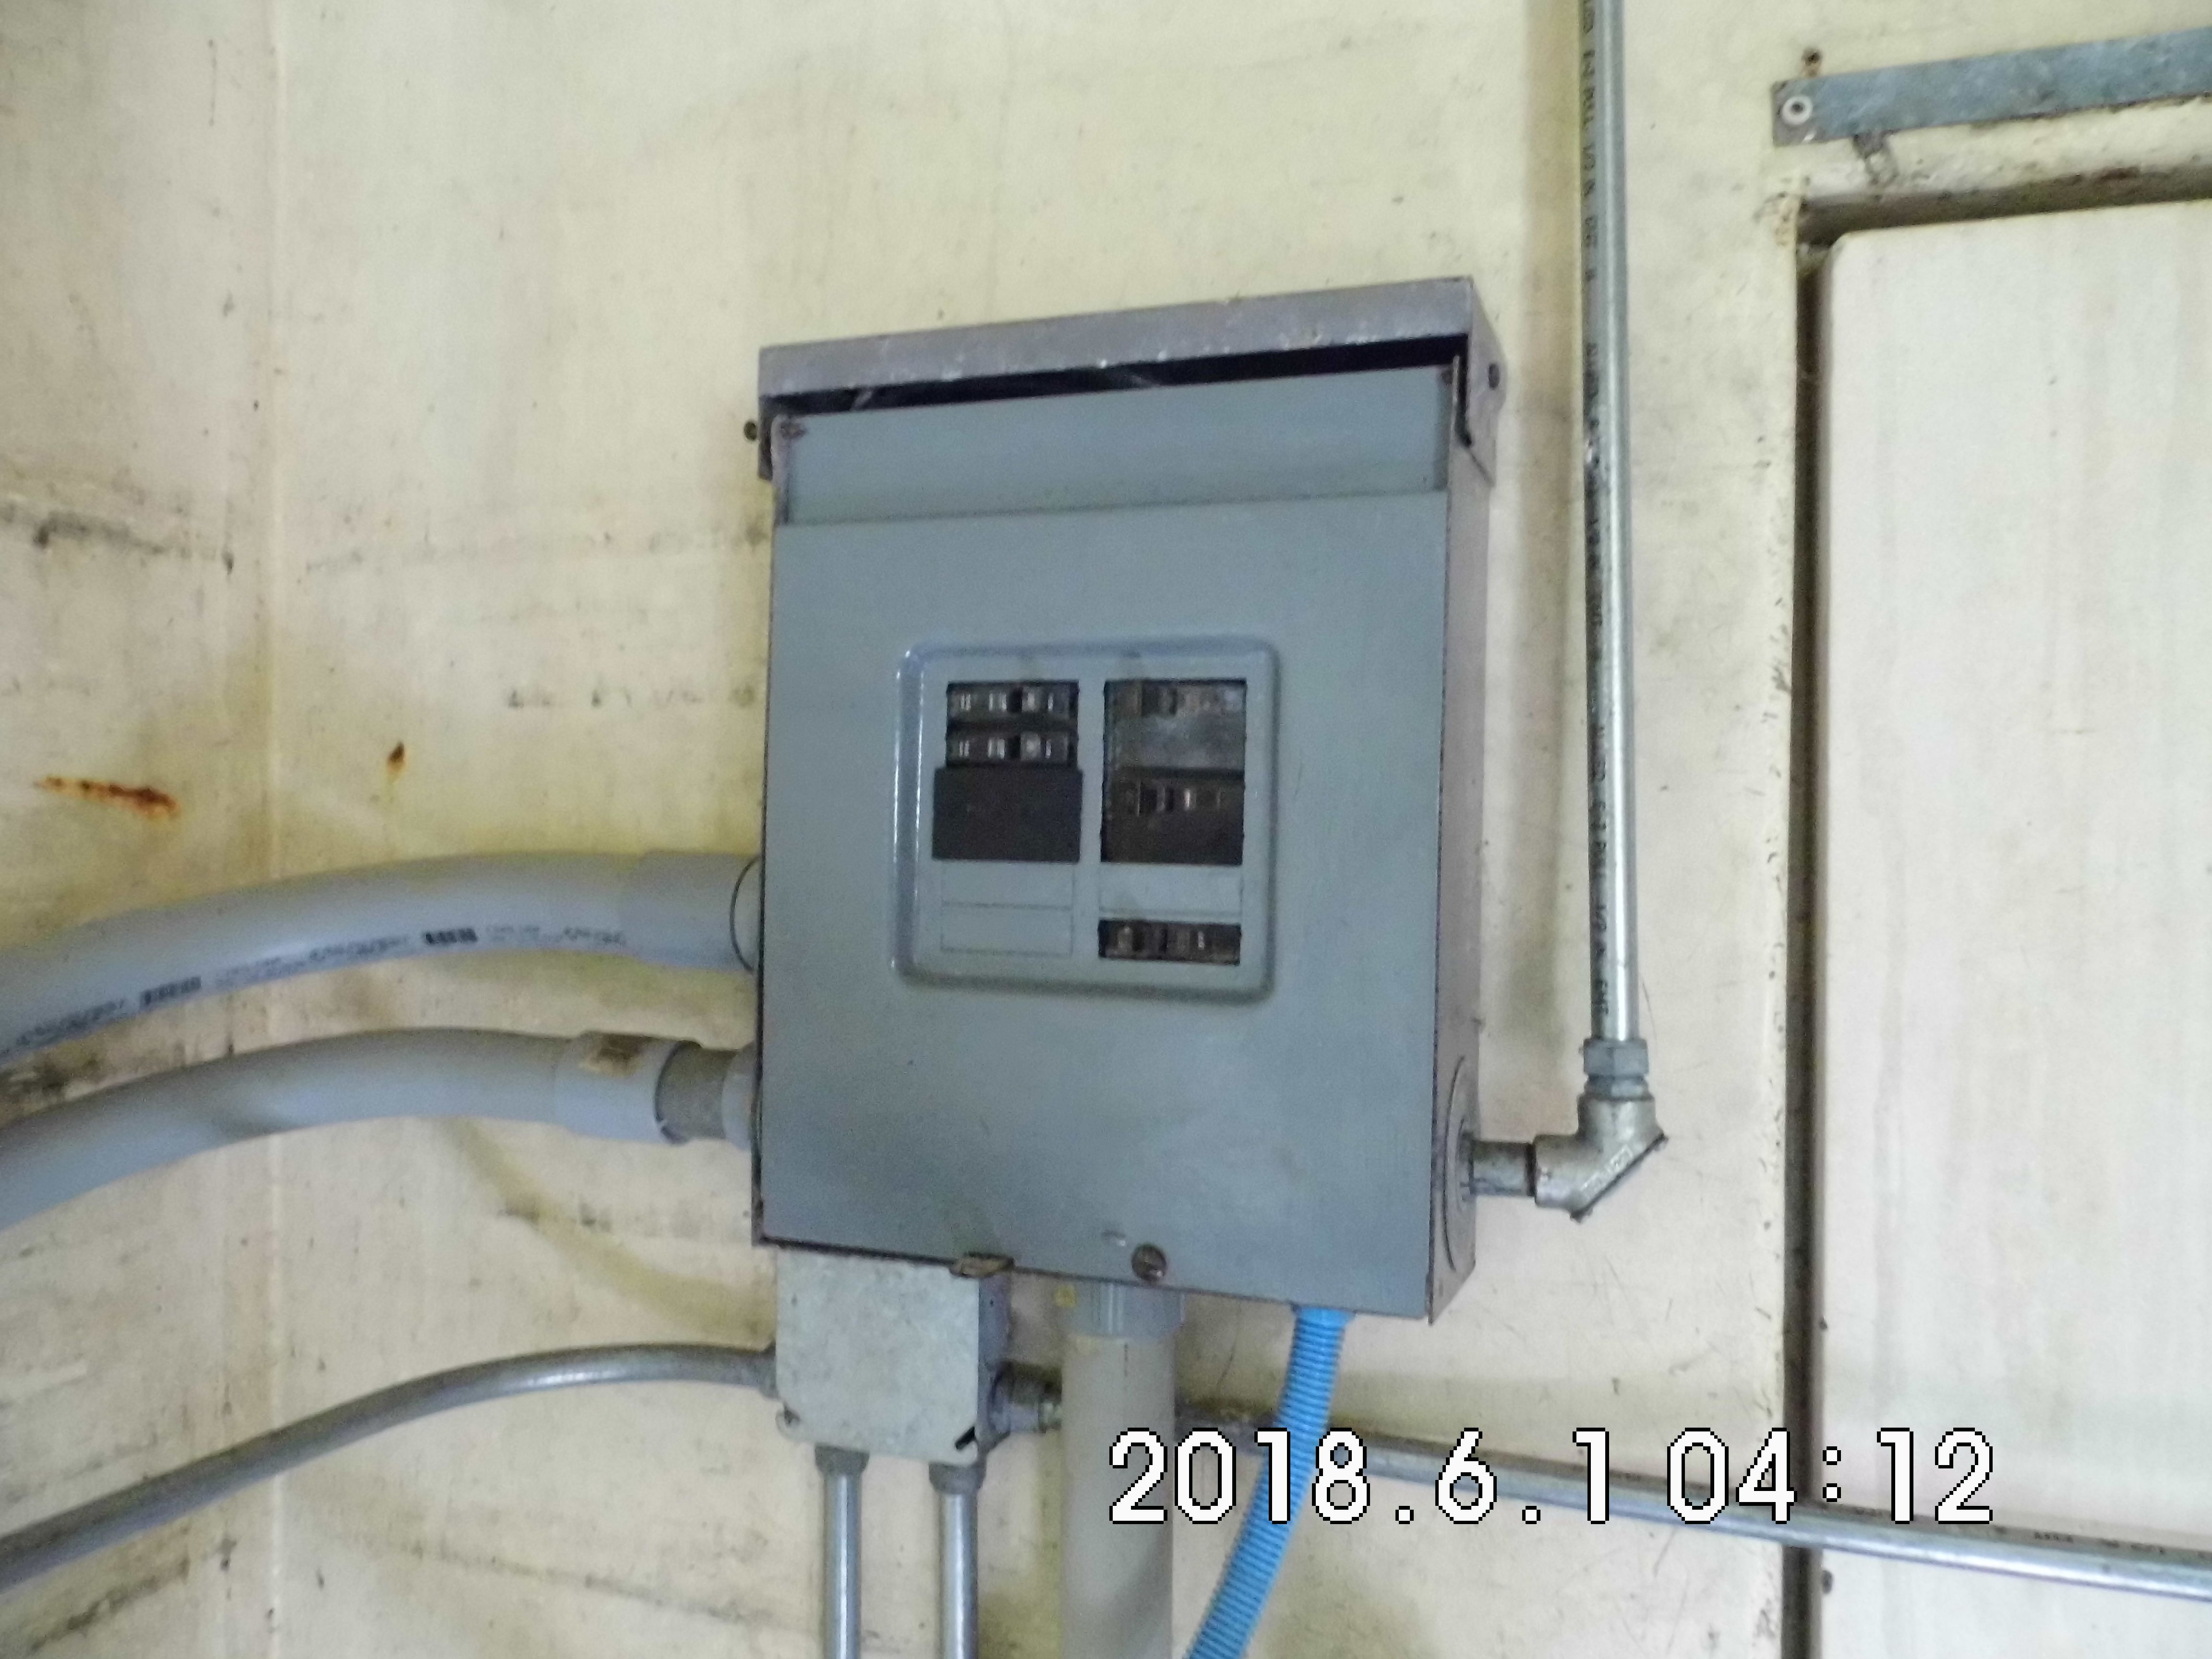 3 Breaker Box for water pump